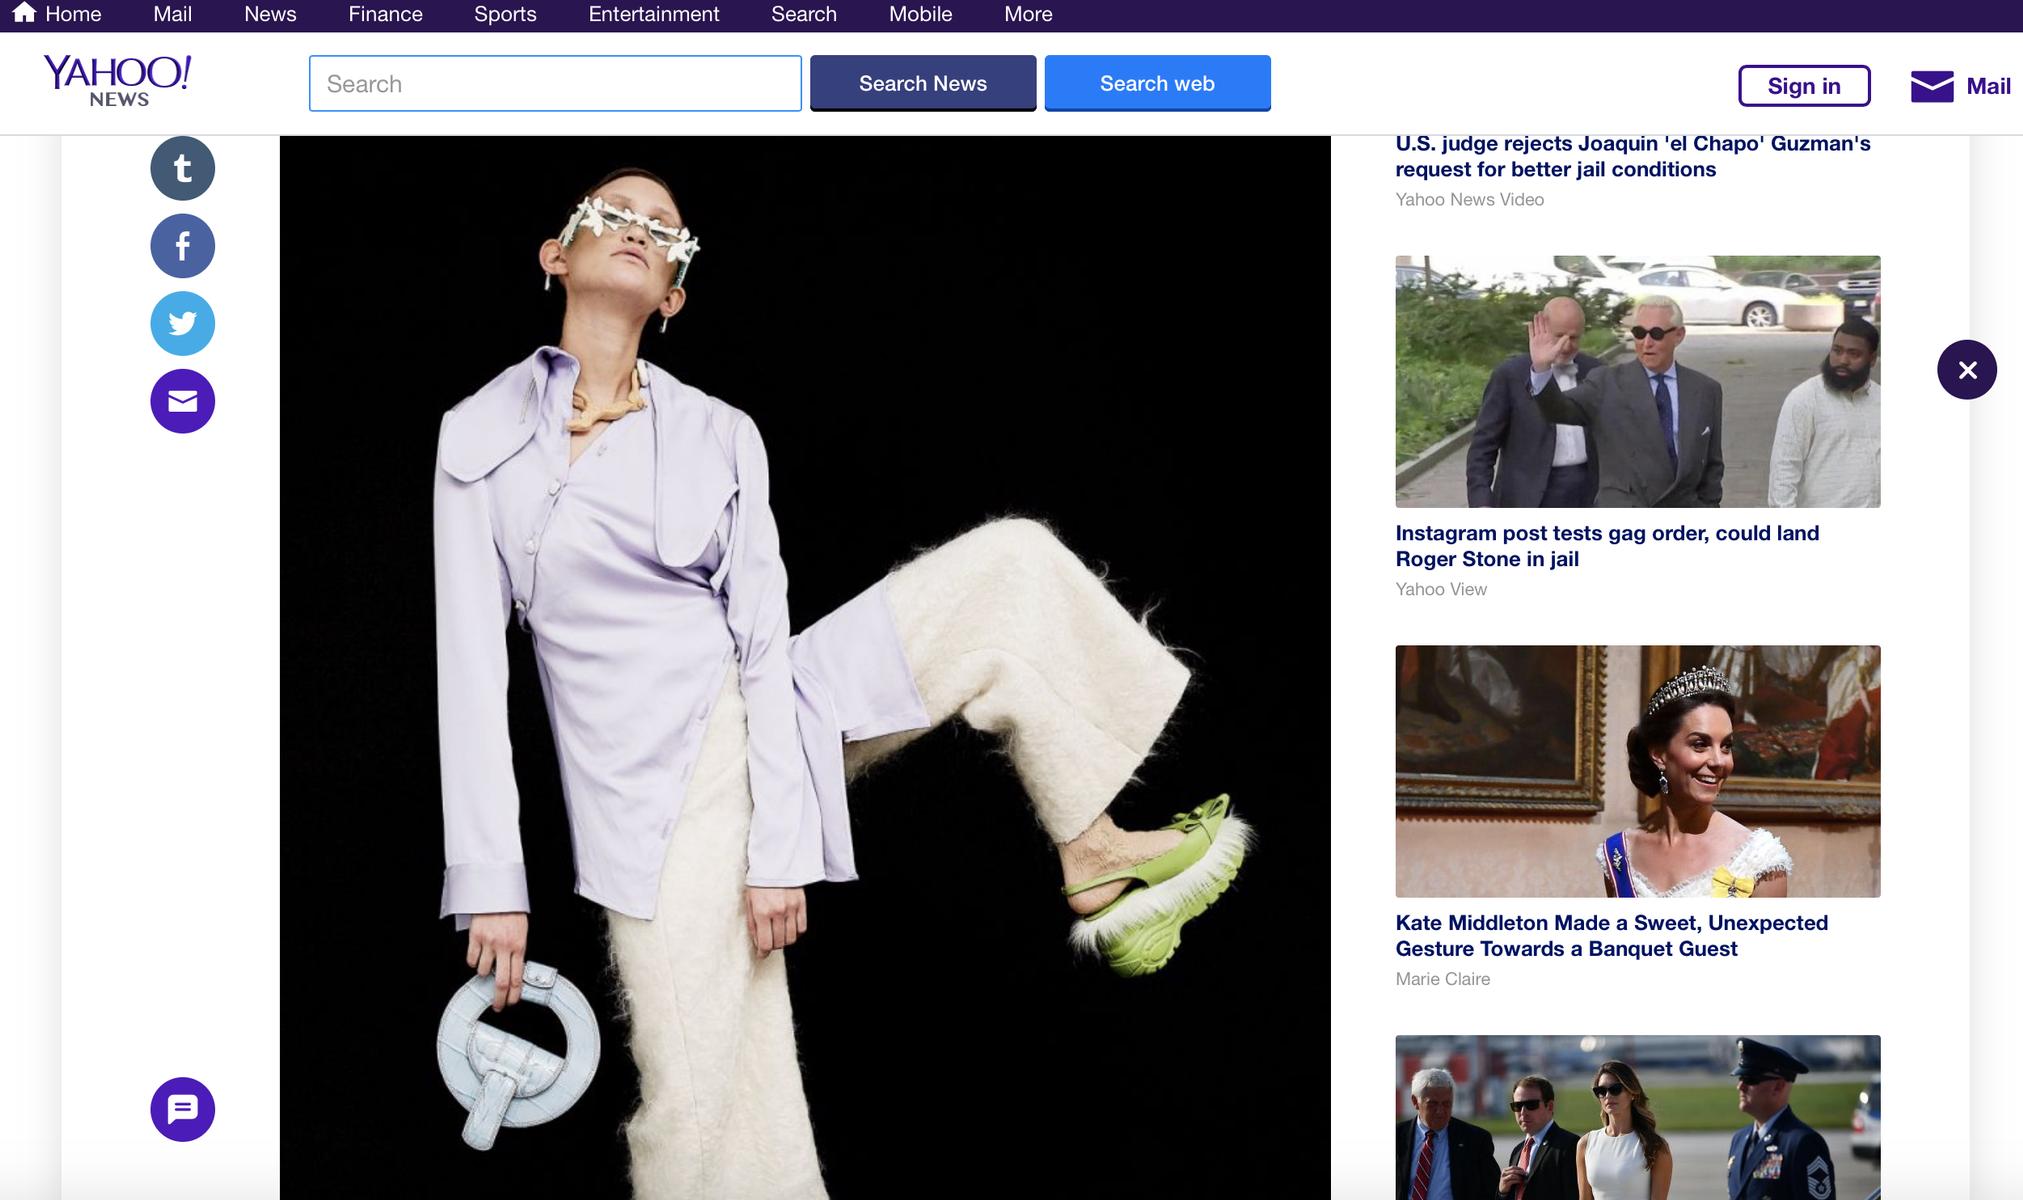 ALPHONSE-MAITREPIERRE - Yahoo News